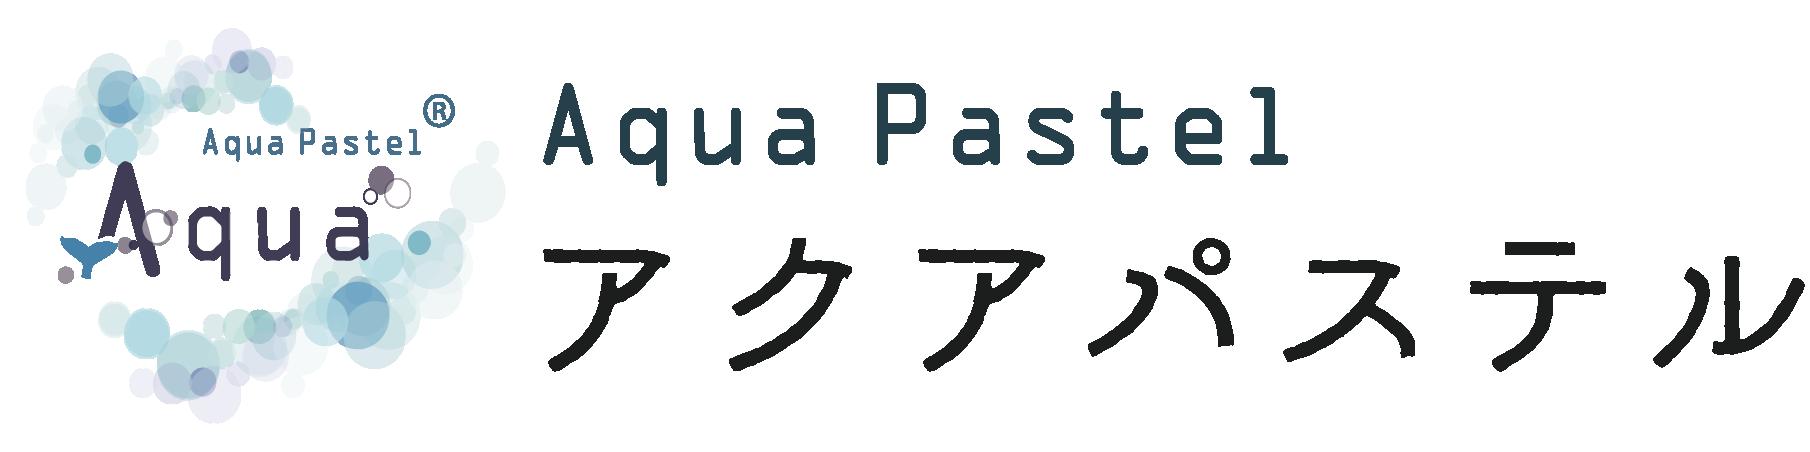 大阪・オンライン・動画のパステルアート教室 「アクアパステル」